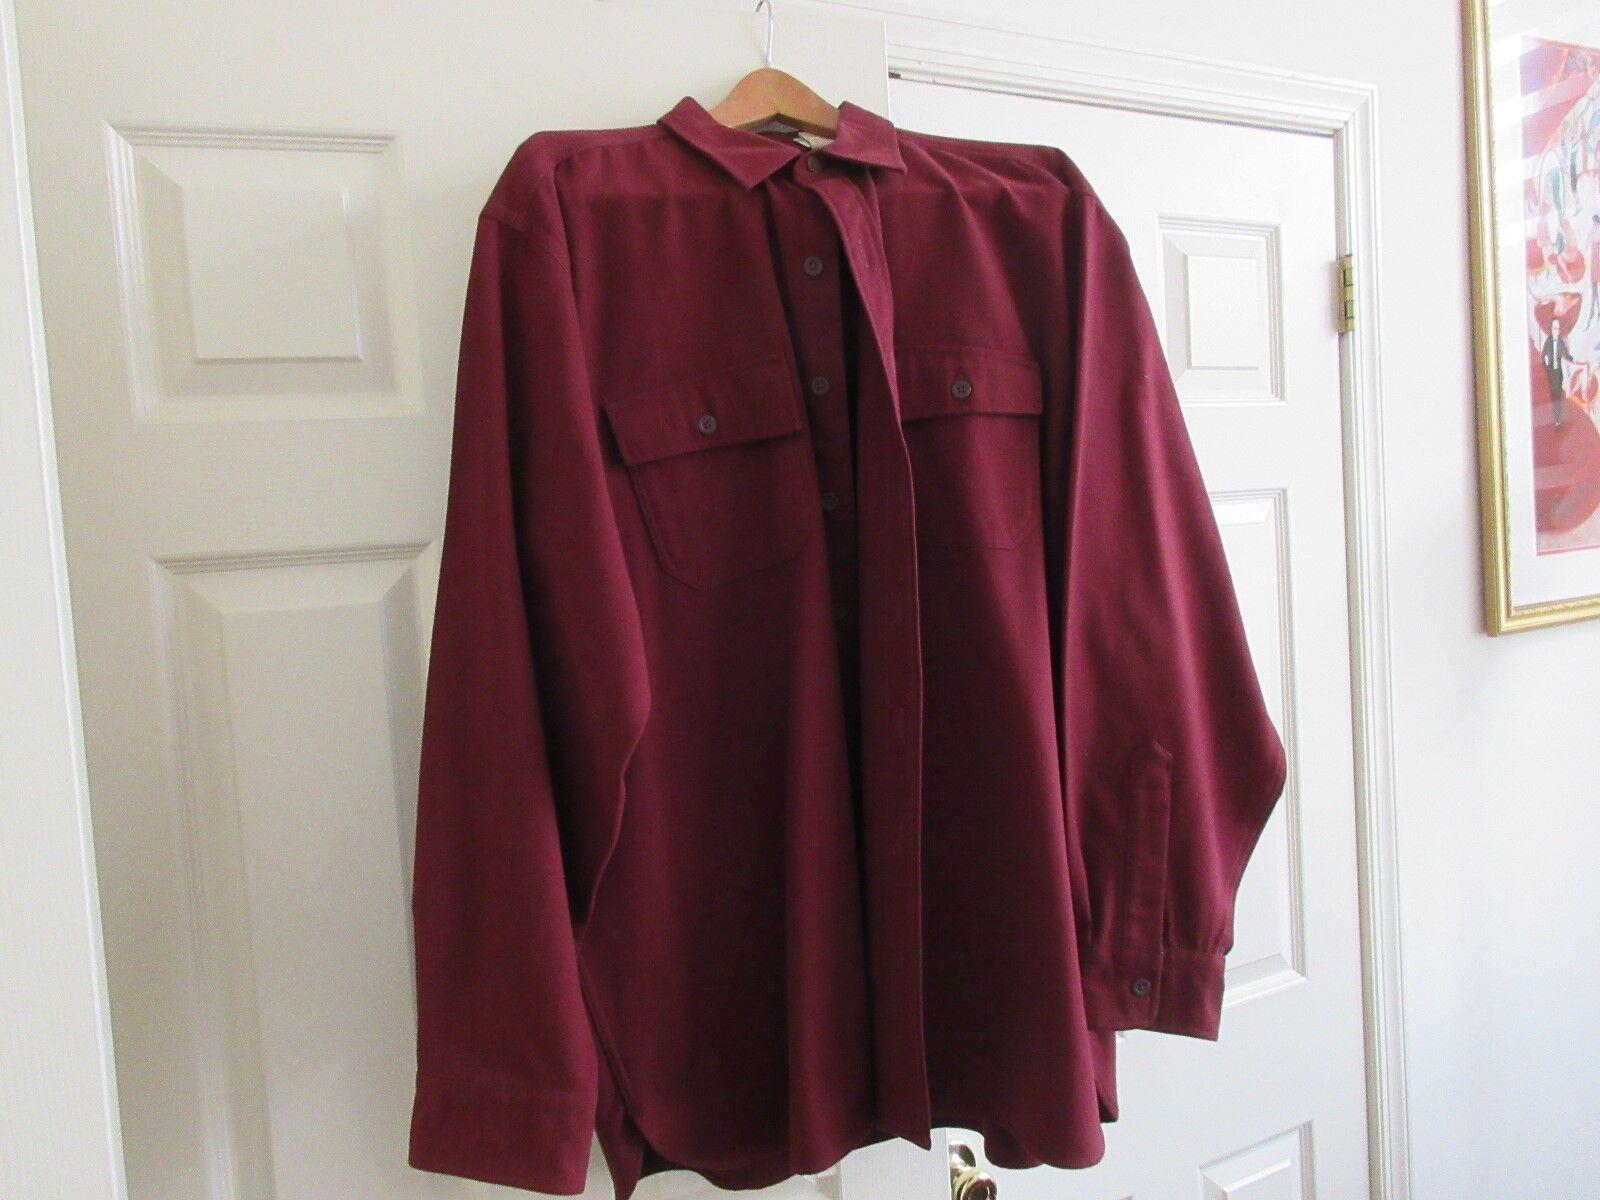 L.L. Bean, Para Hombre Regular, 100%  algodón, Suéter Chaqueta, tamaño XL, Vintage  hasta un 70% de descuento